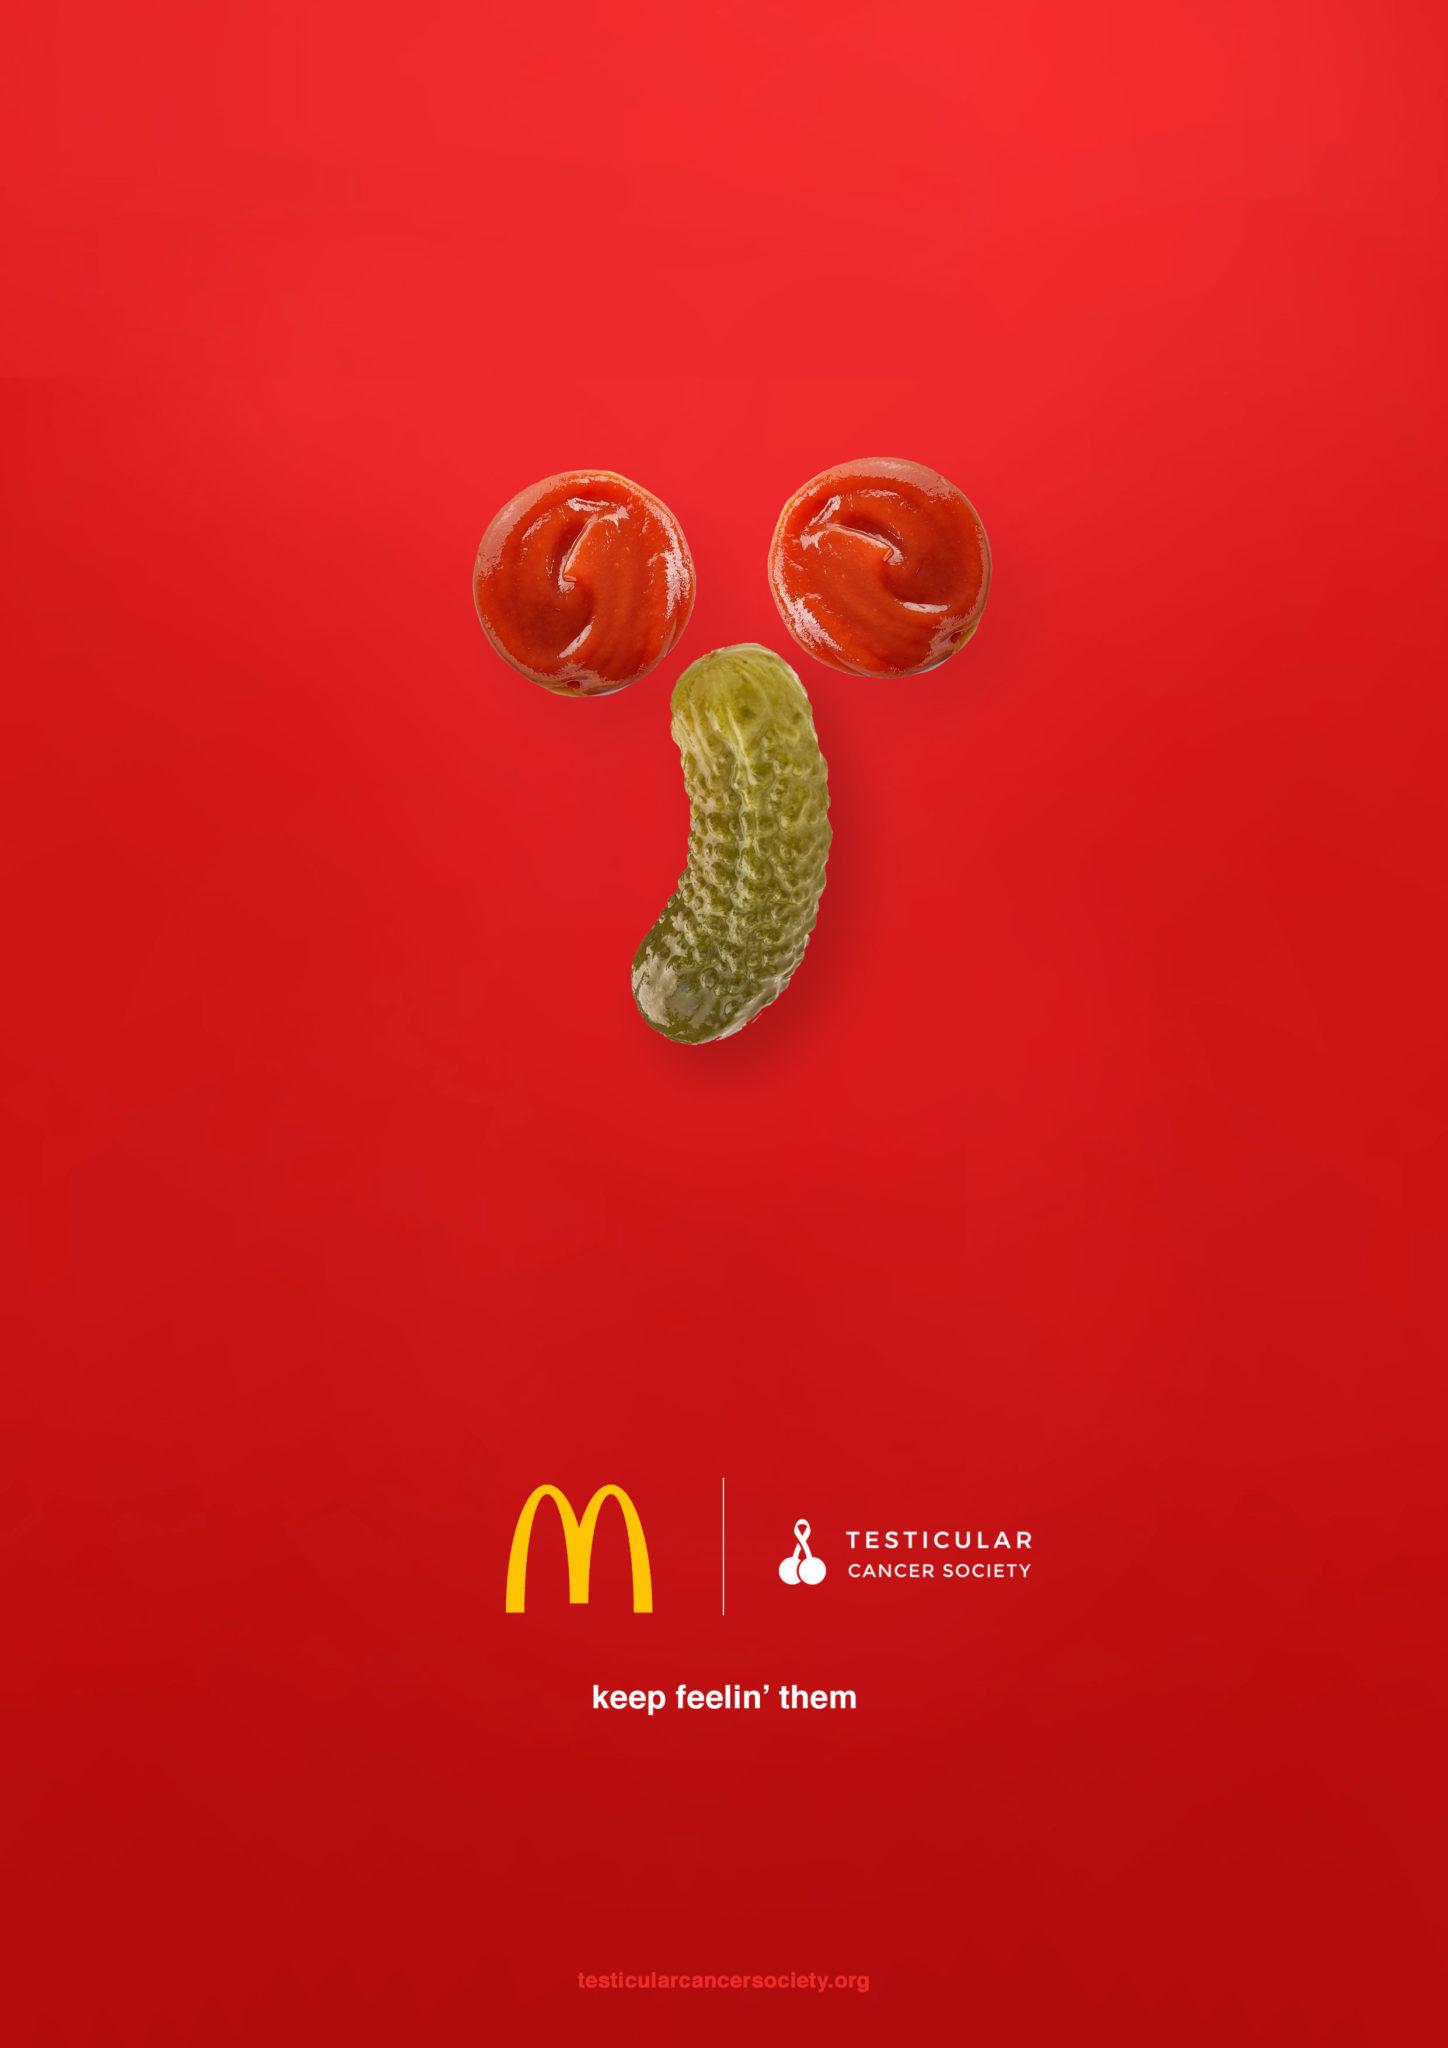 Mcdonalds Poster - testicular Cancer awareness